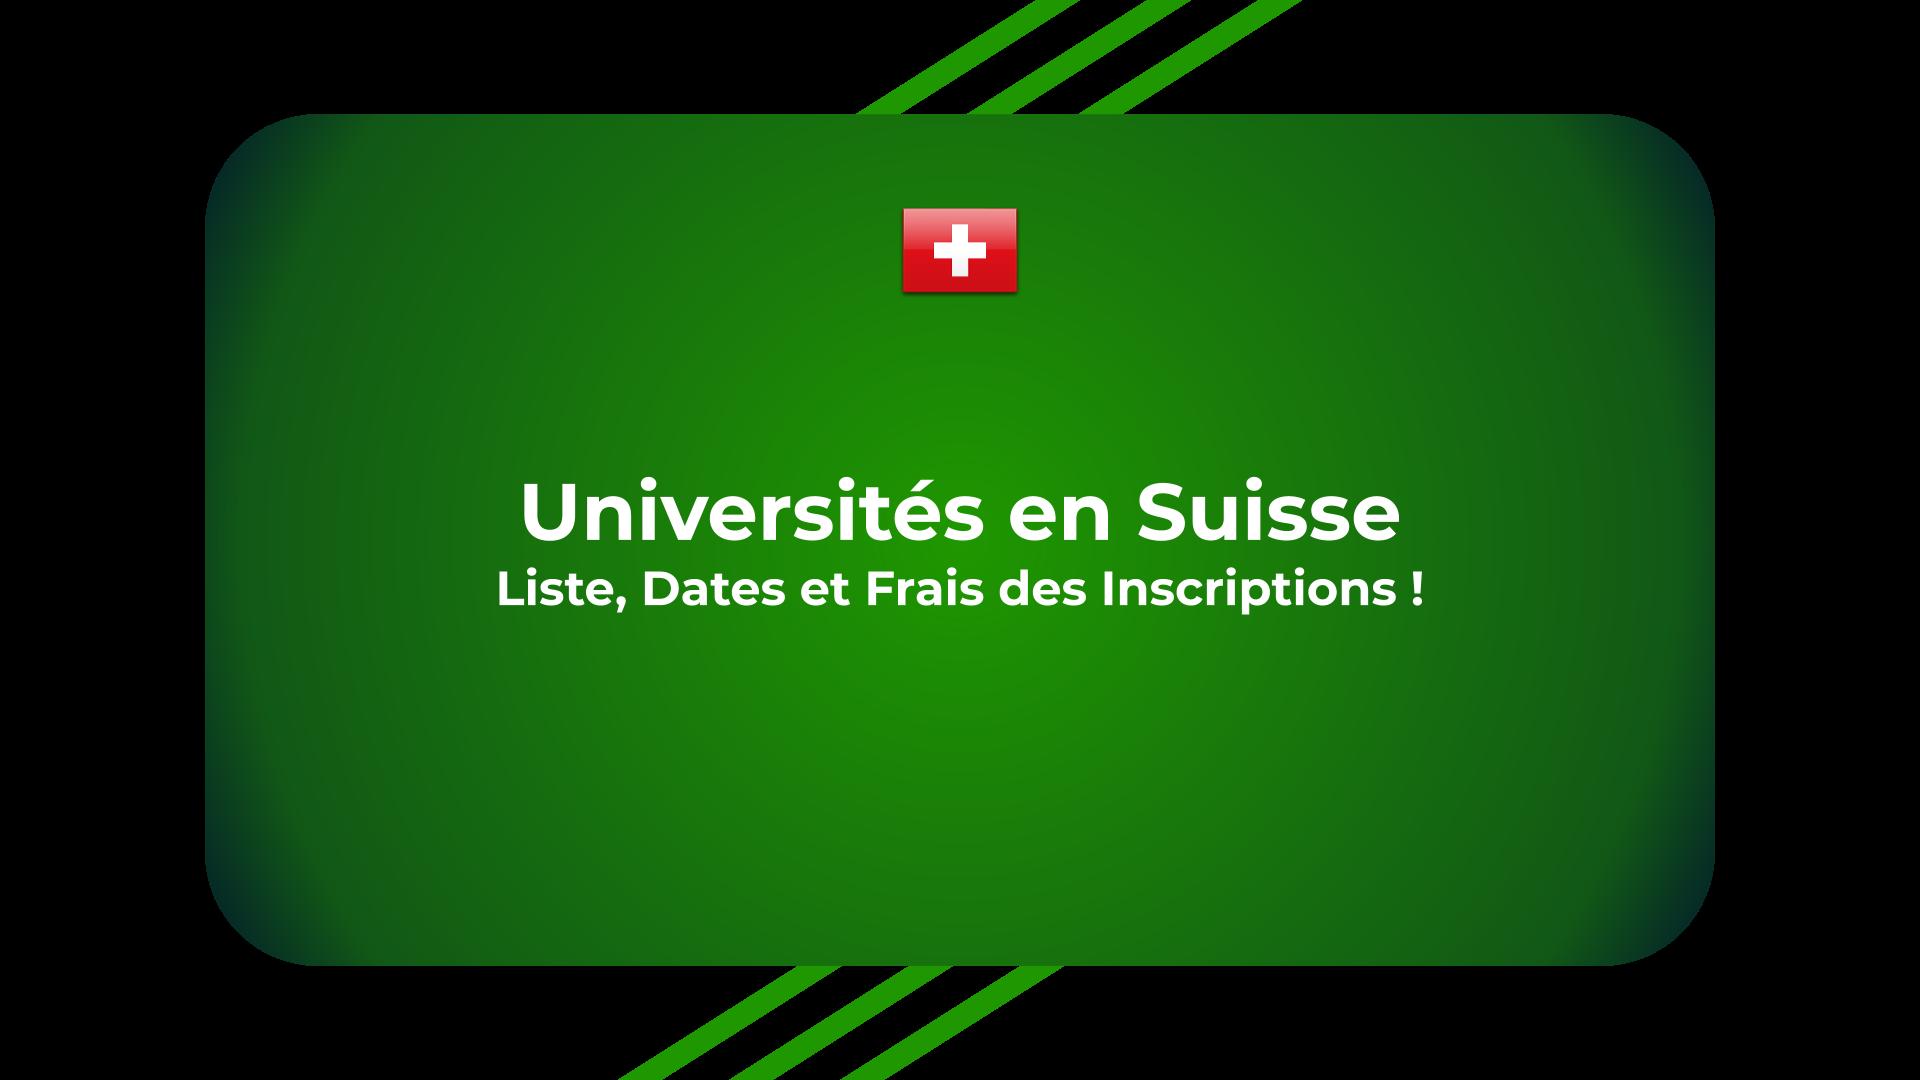 Universités en Suisse - Liste, Dates et Frais des Inscriptions !